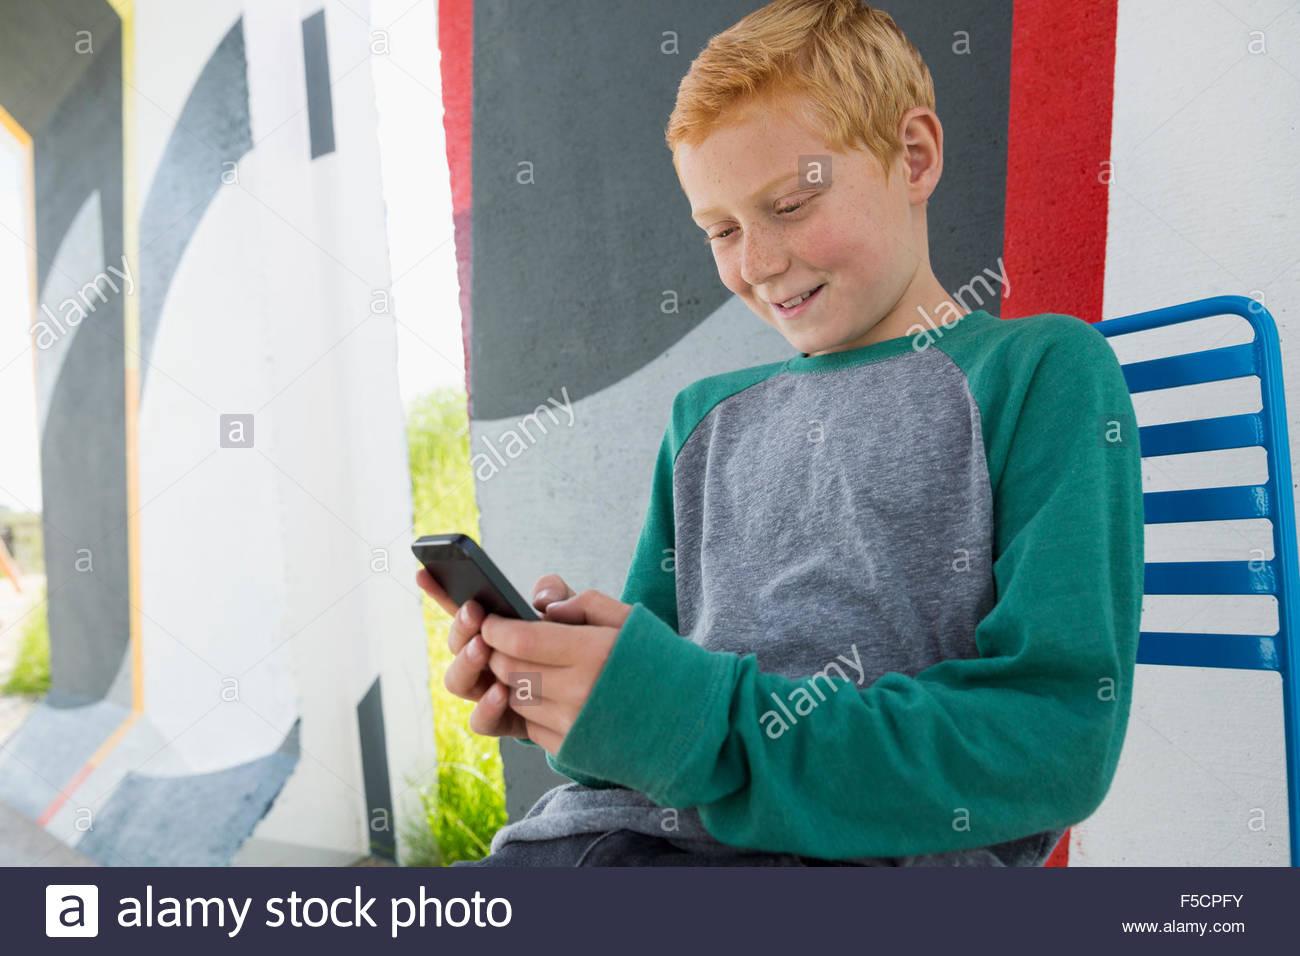 Ragazzo con i capelli rossi scrivere messaggi con il telefono cellulare Immagini Stock